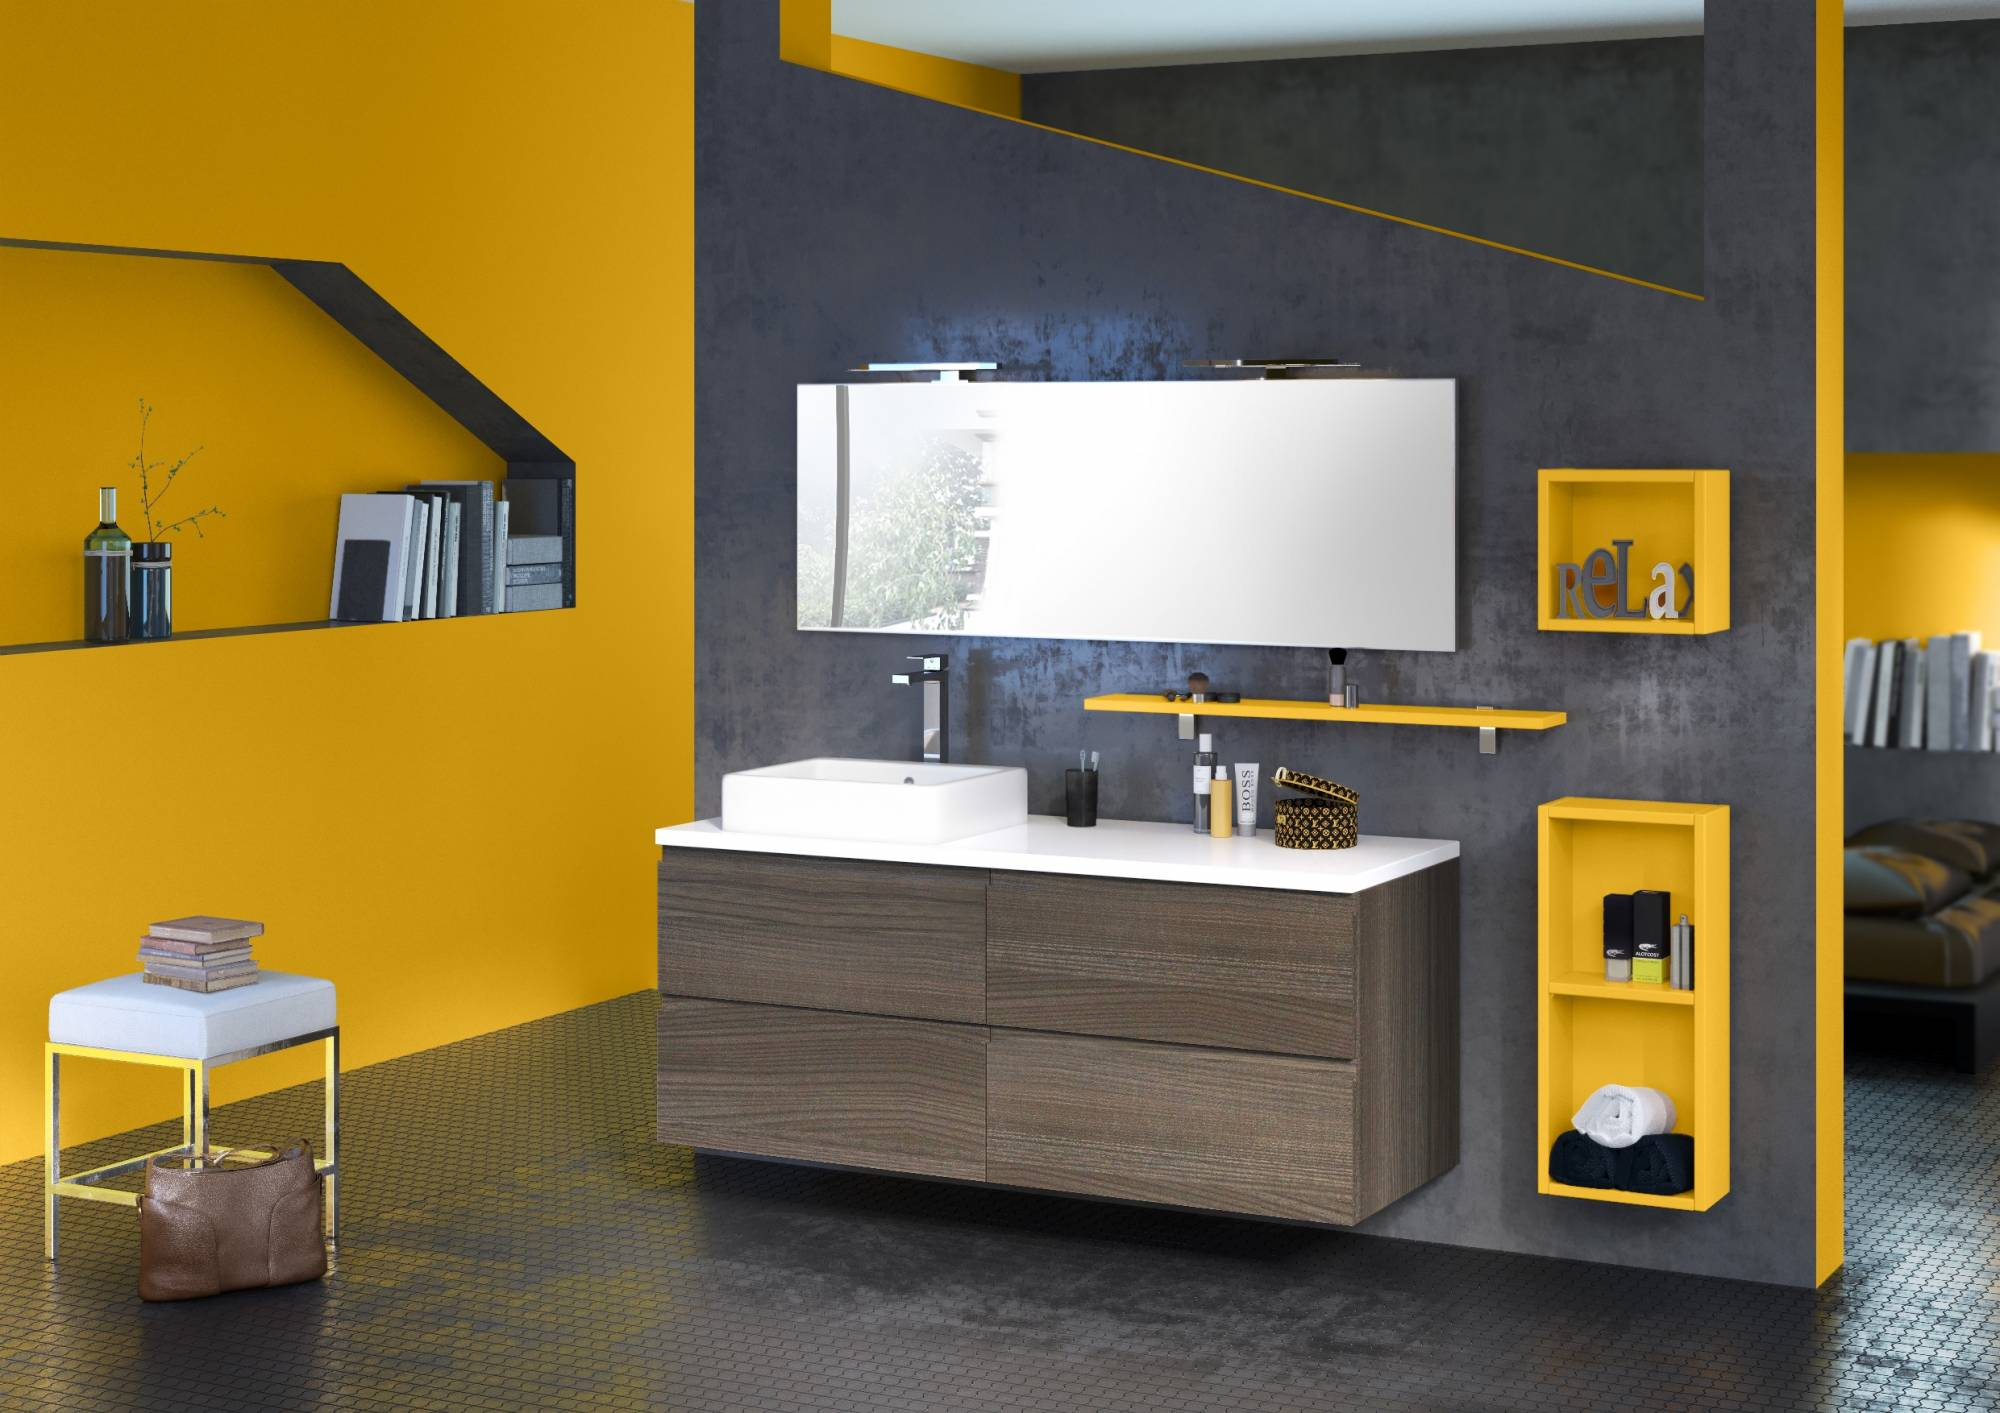 Vente de meuble suspendu pour salle de bains Eguilles 13510 ...